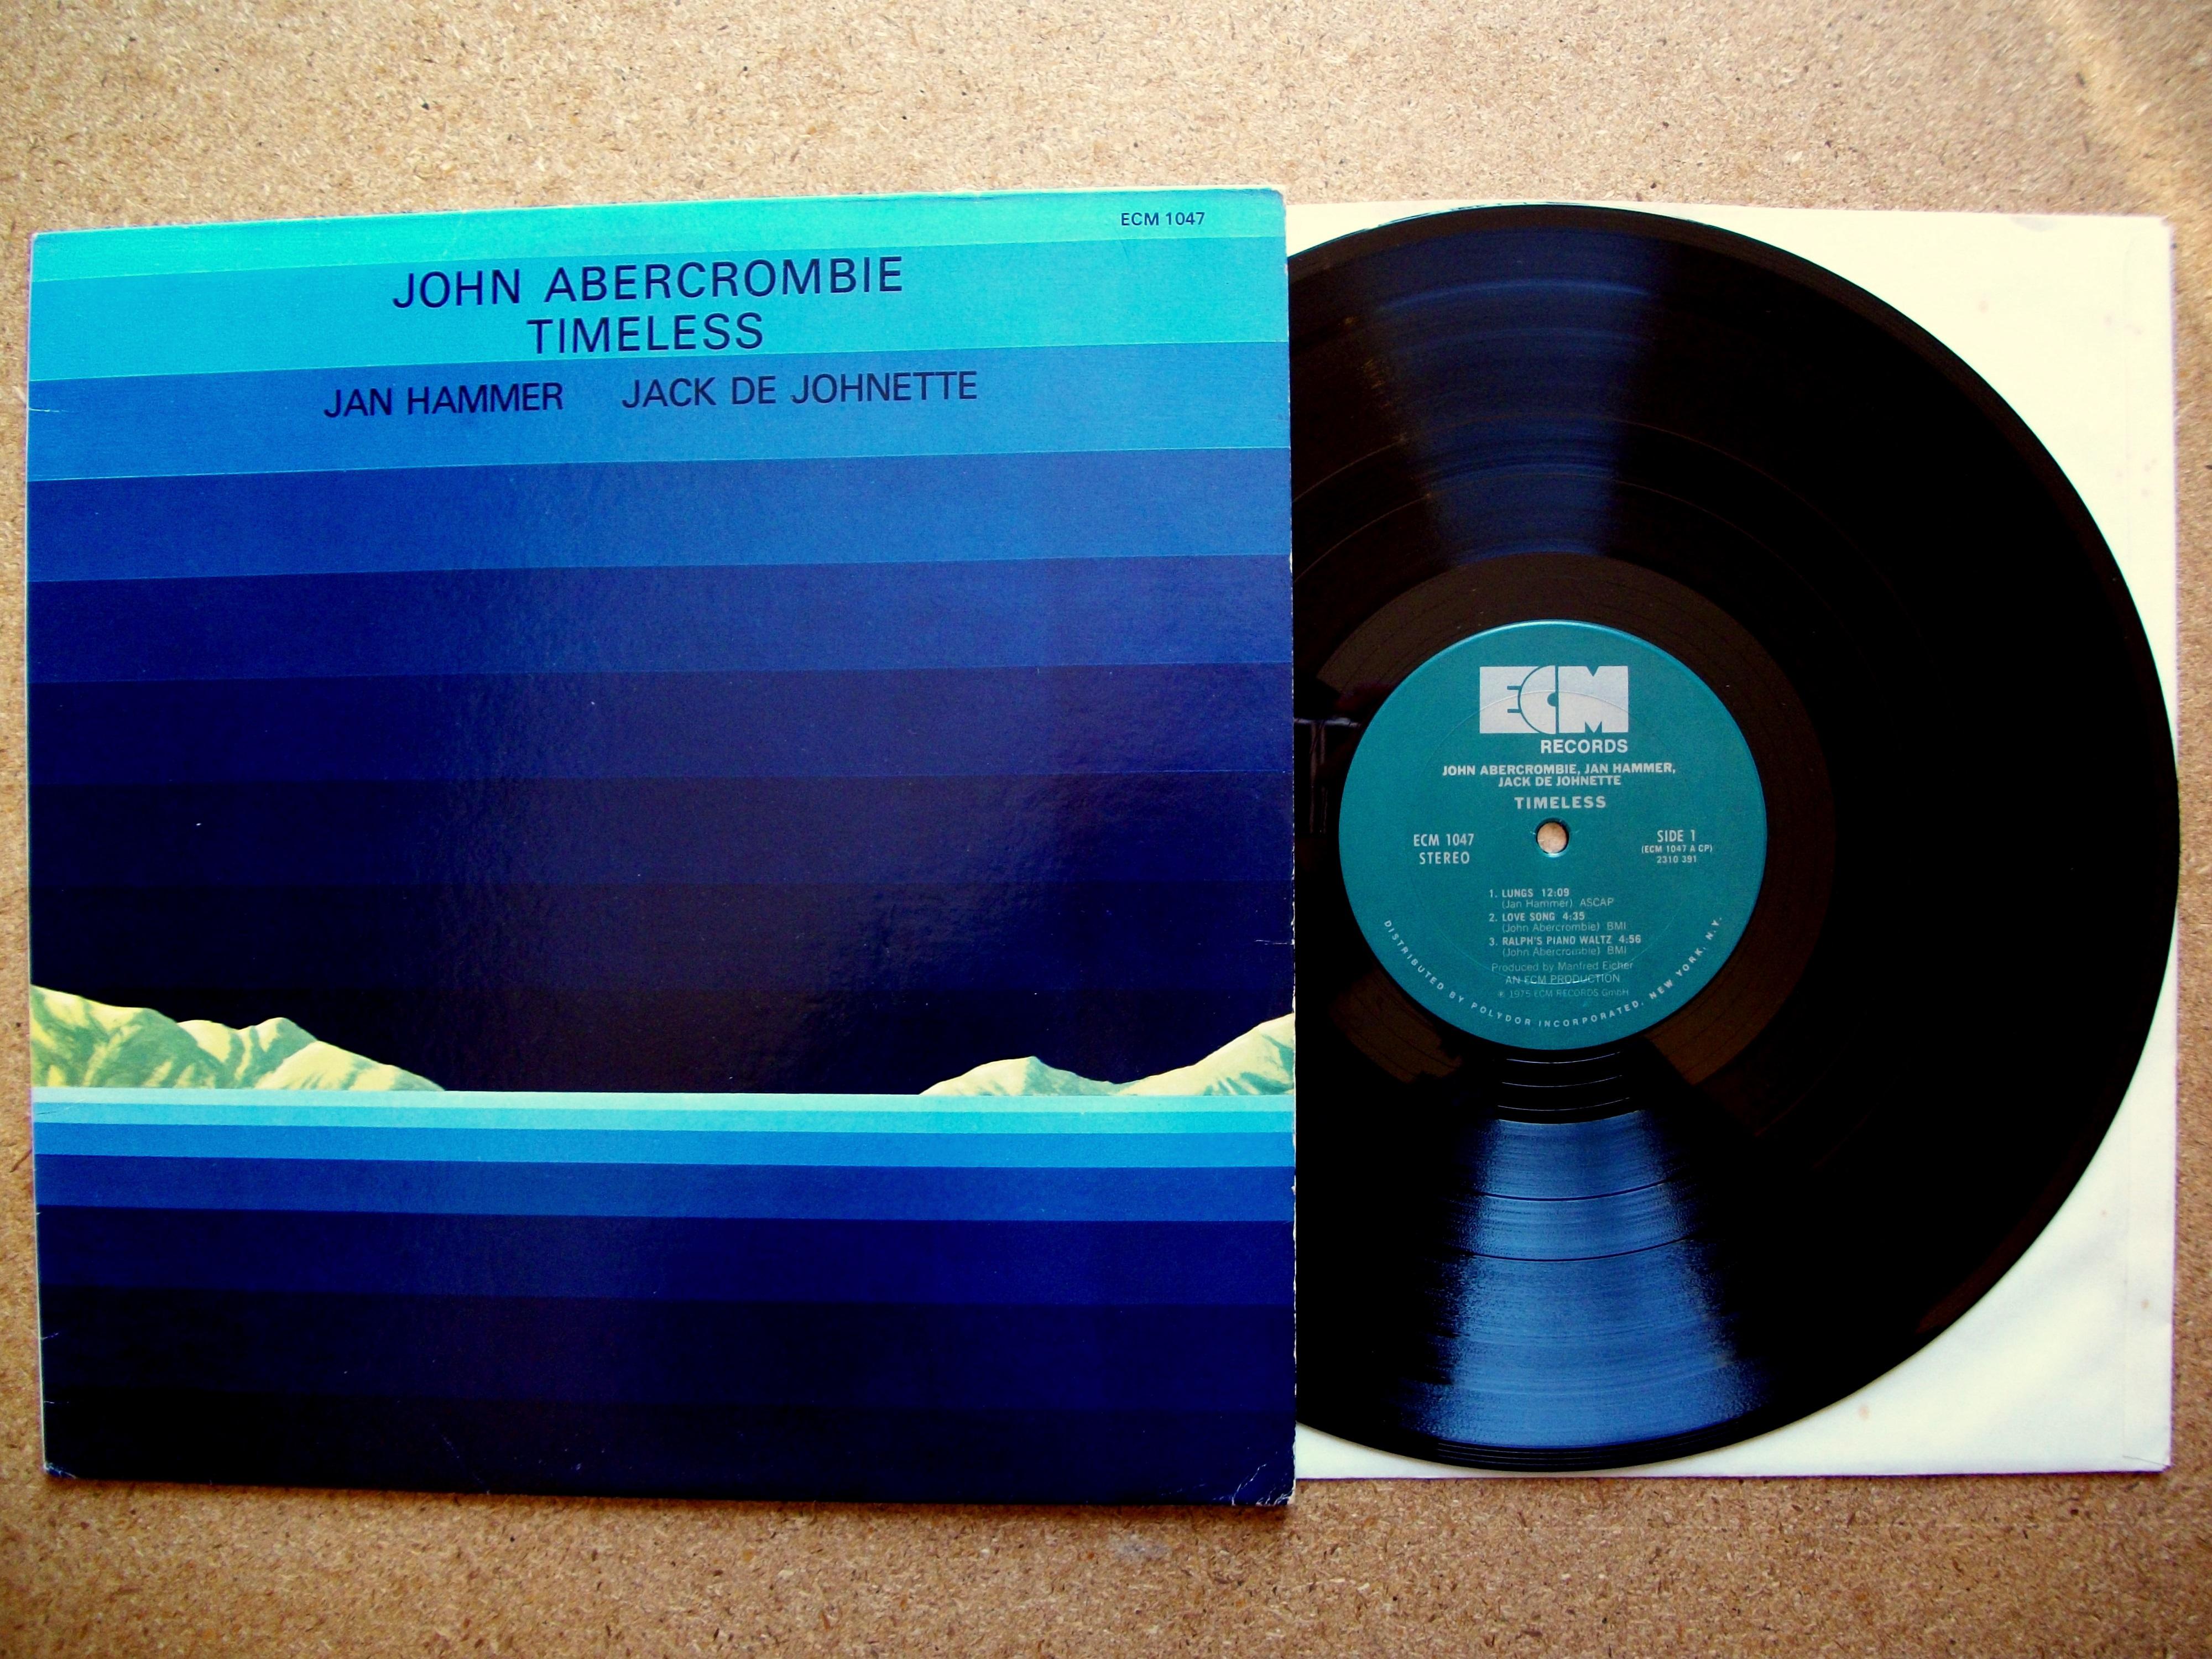 John Abercrombie Sinister Salad Musikal S Weblog